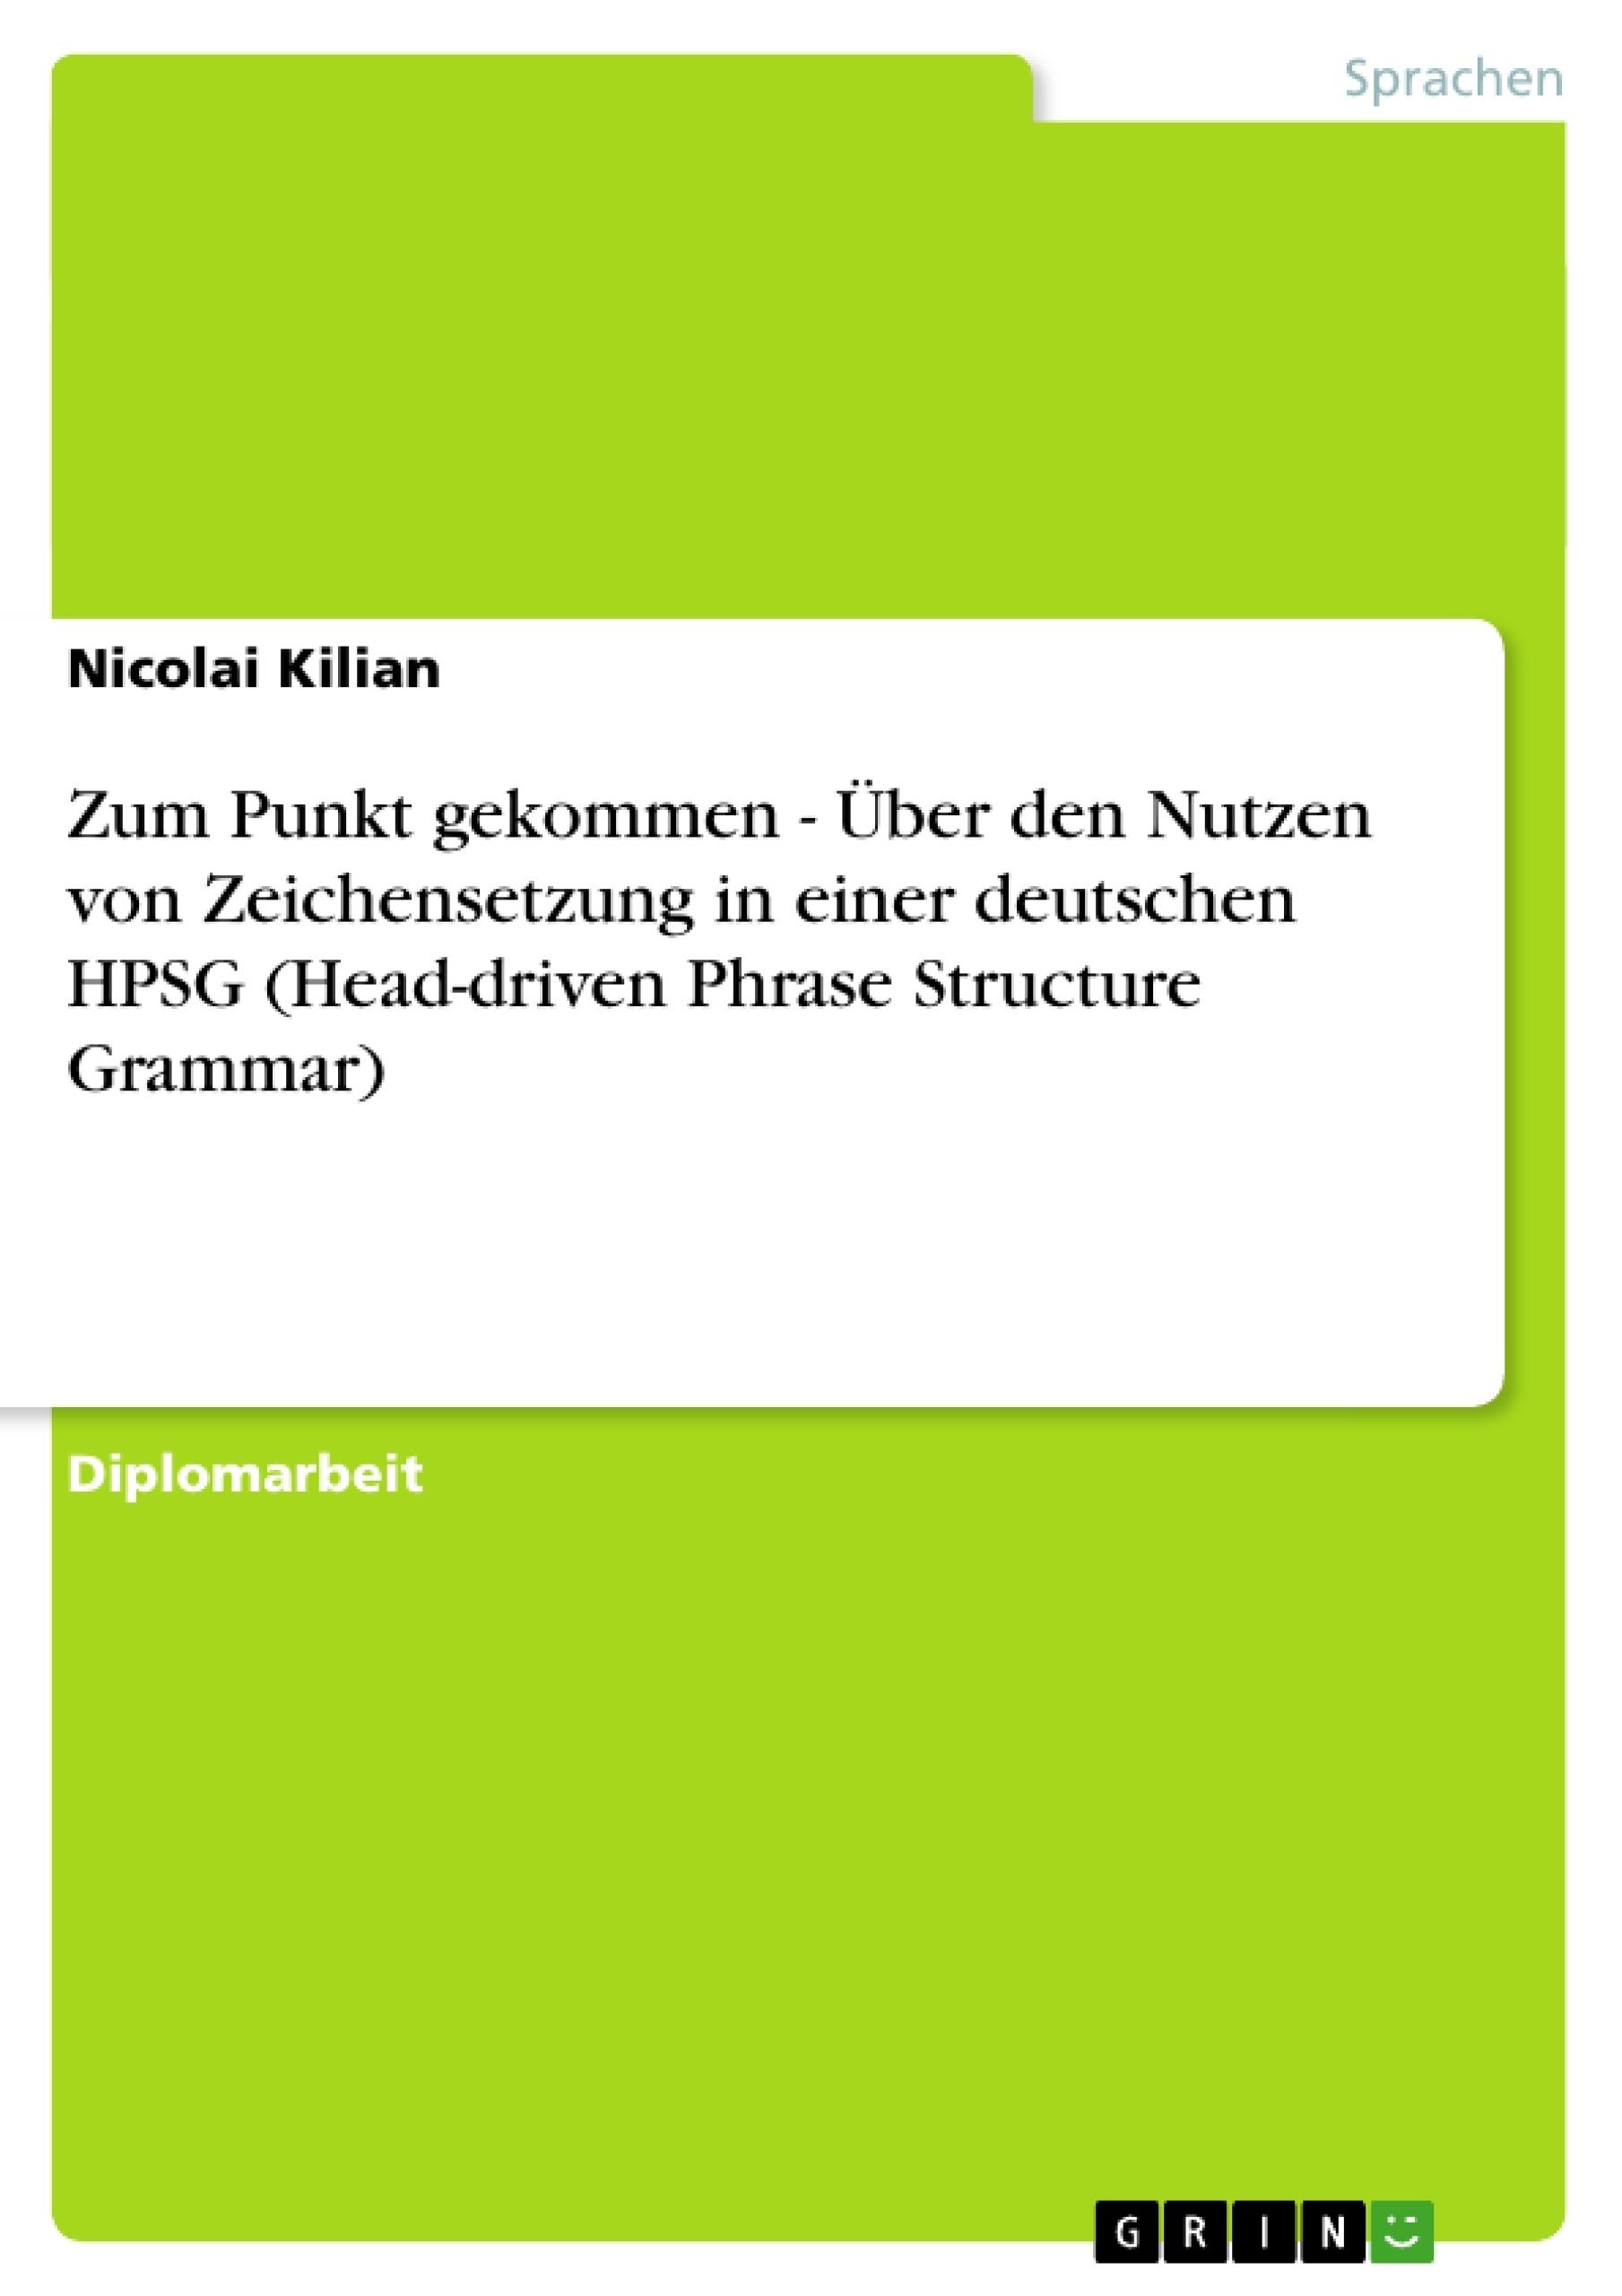 Titel: Zum Punkt gekommen - Über den Nutzen von Zeichensetzung in einer deutschen HPSG (Head-driven Phrase Structure Grammar)